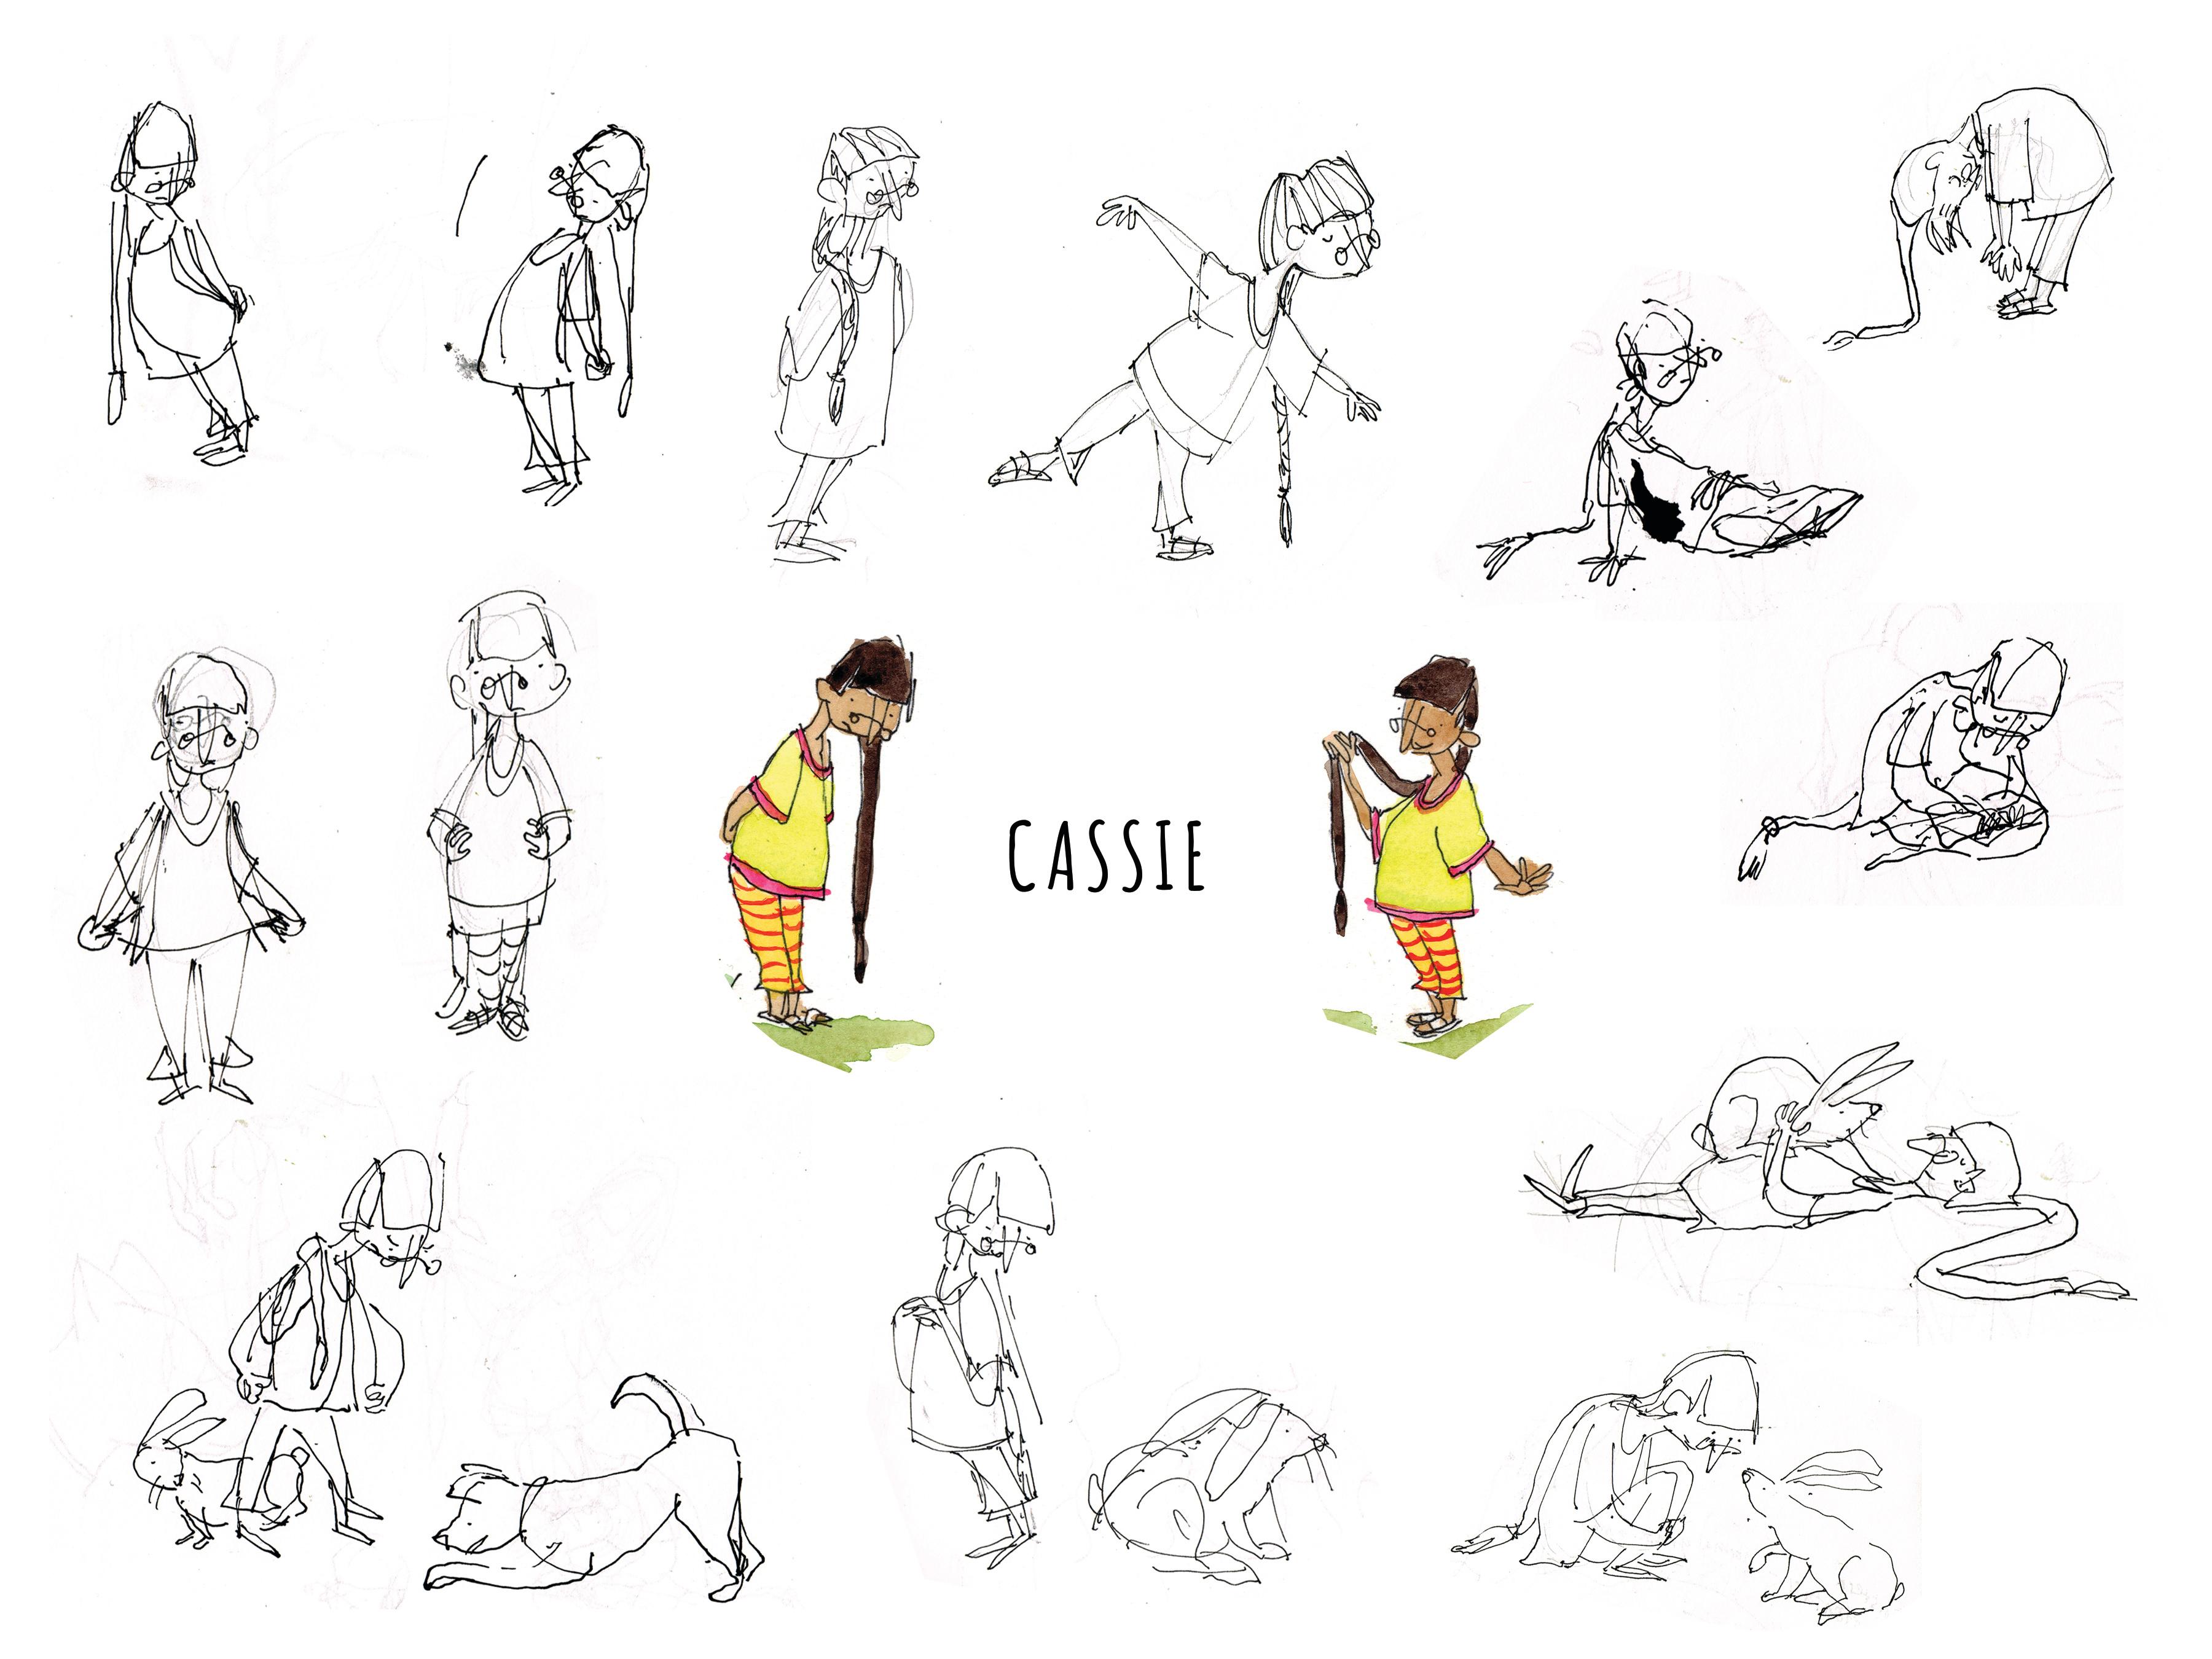 cassie character sheet